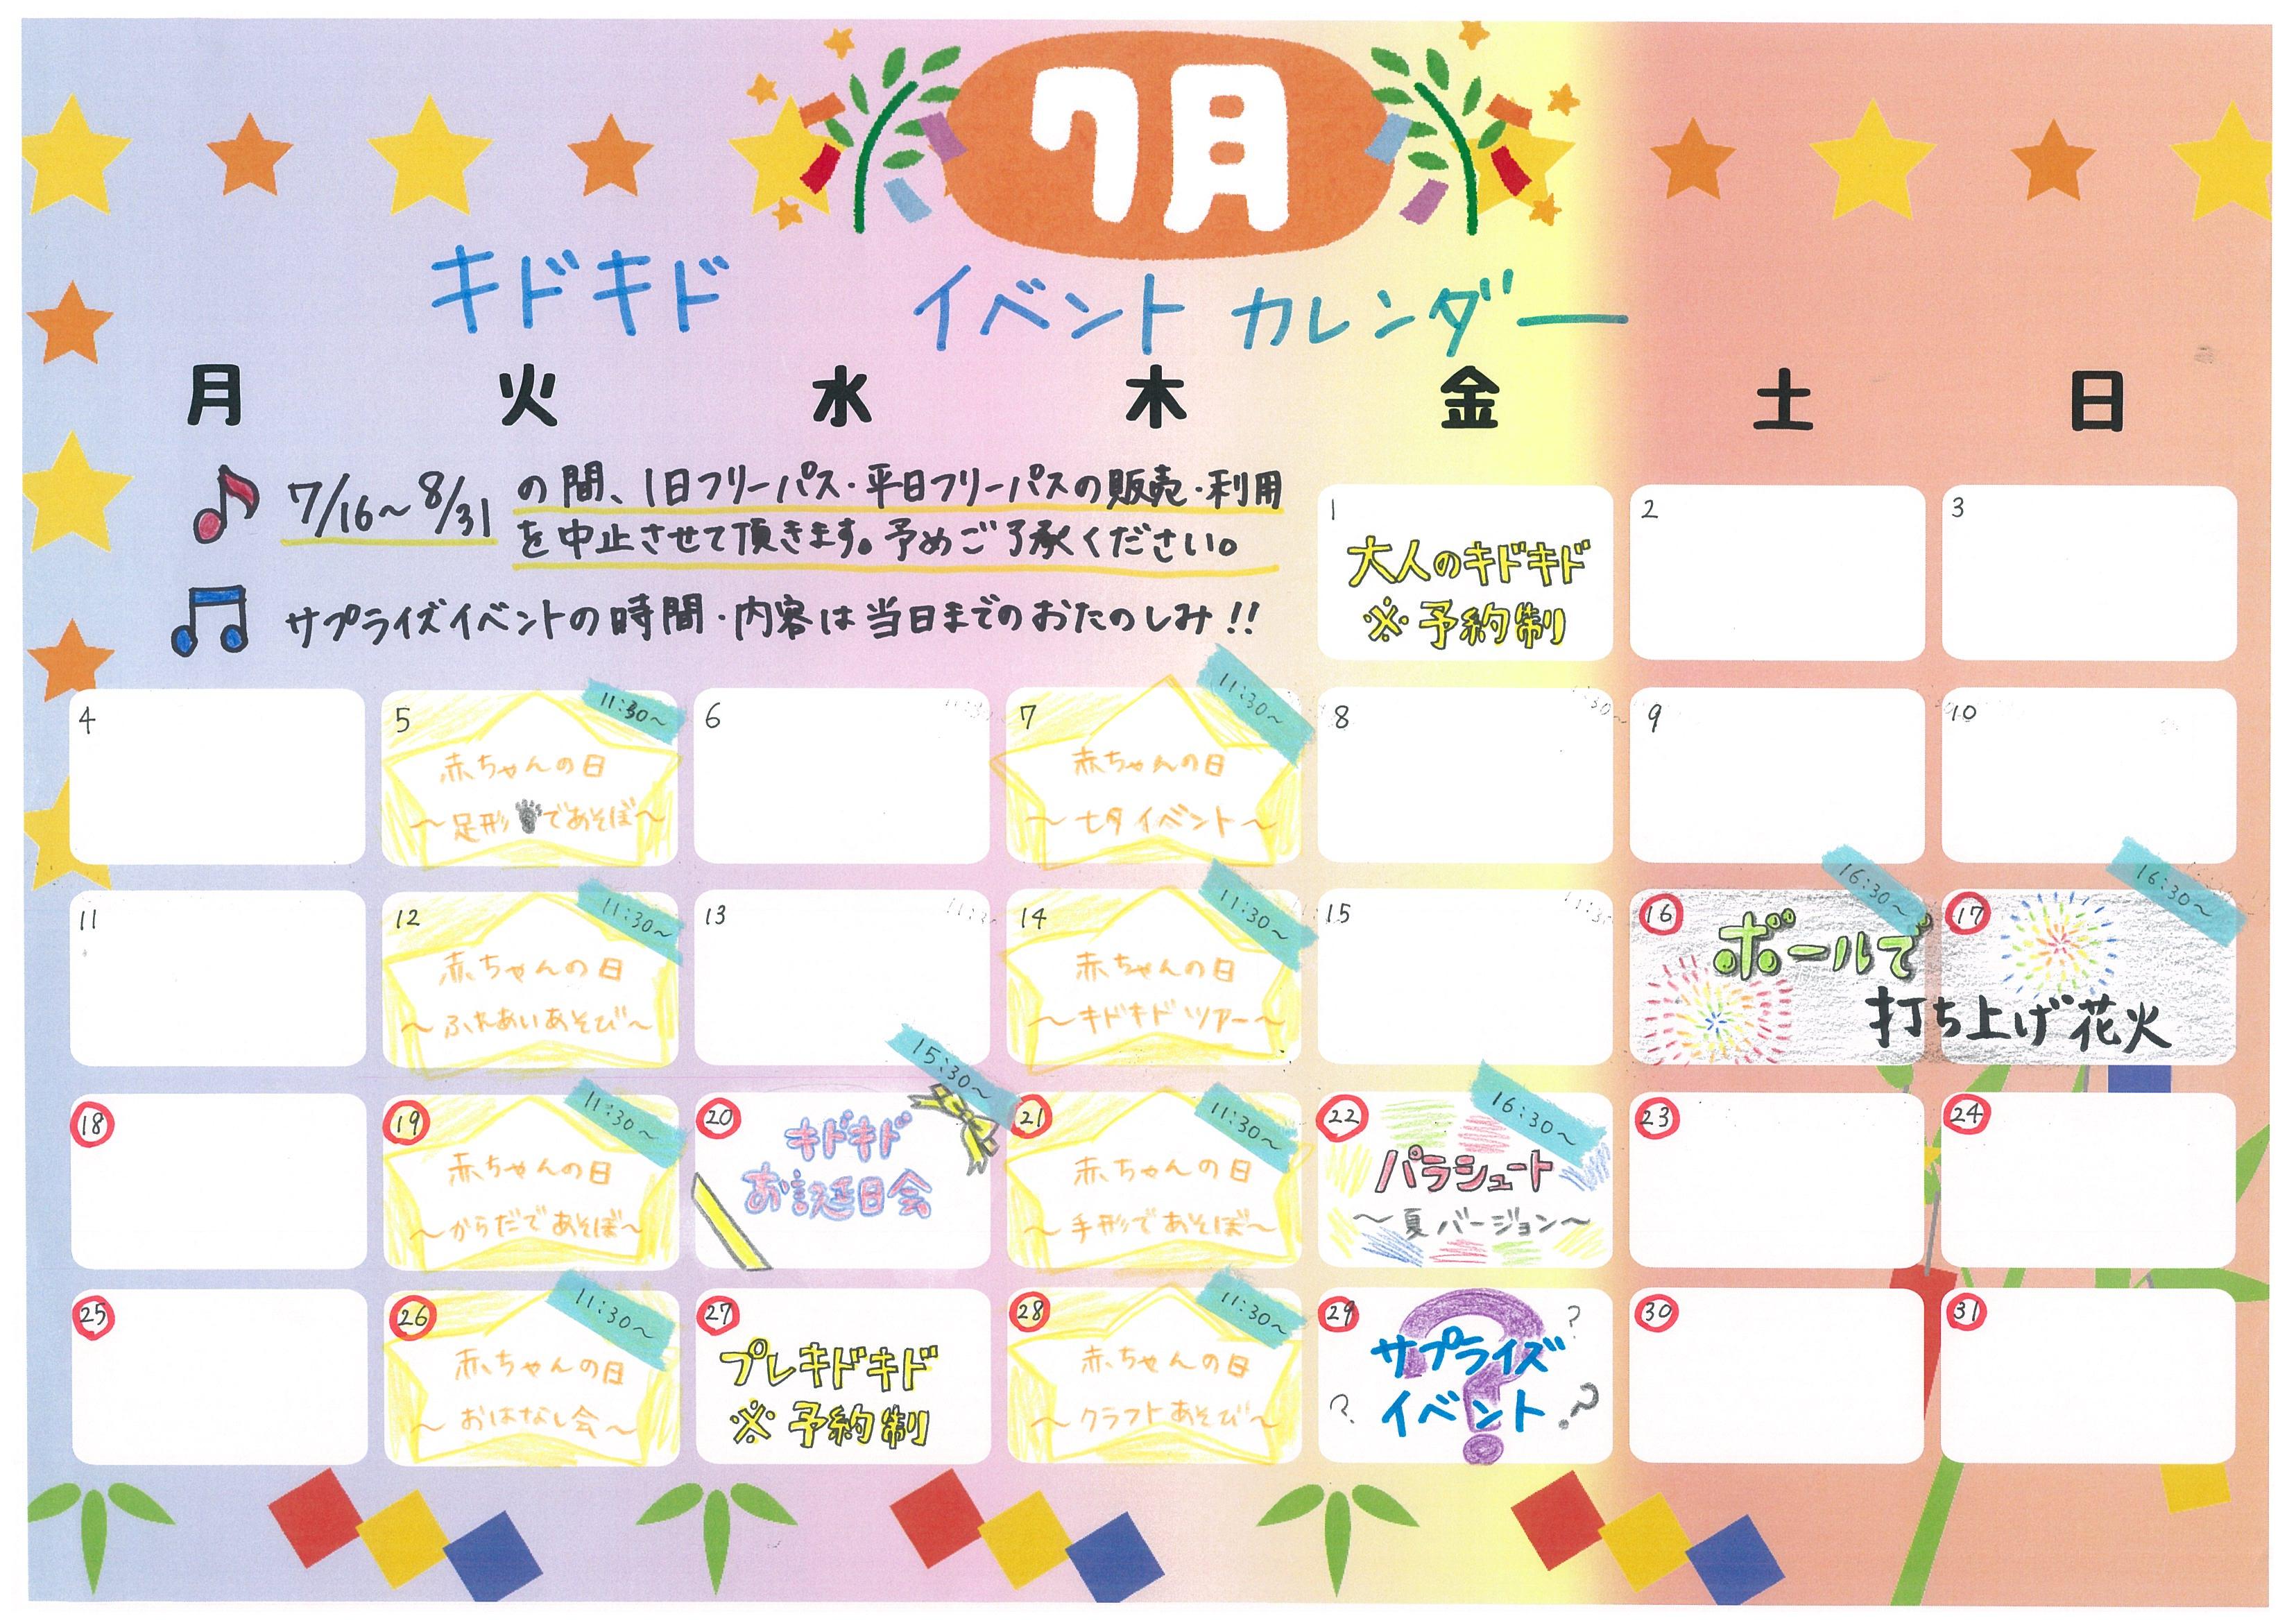 7月のイベントカレンダー出来ました♪